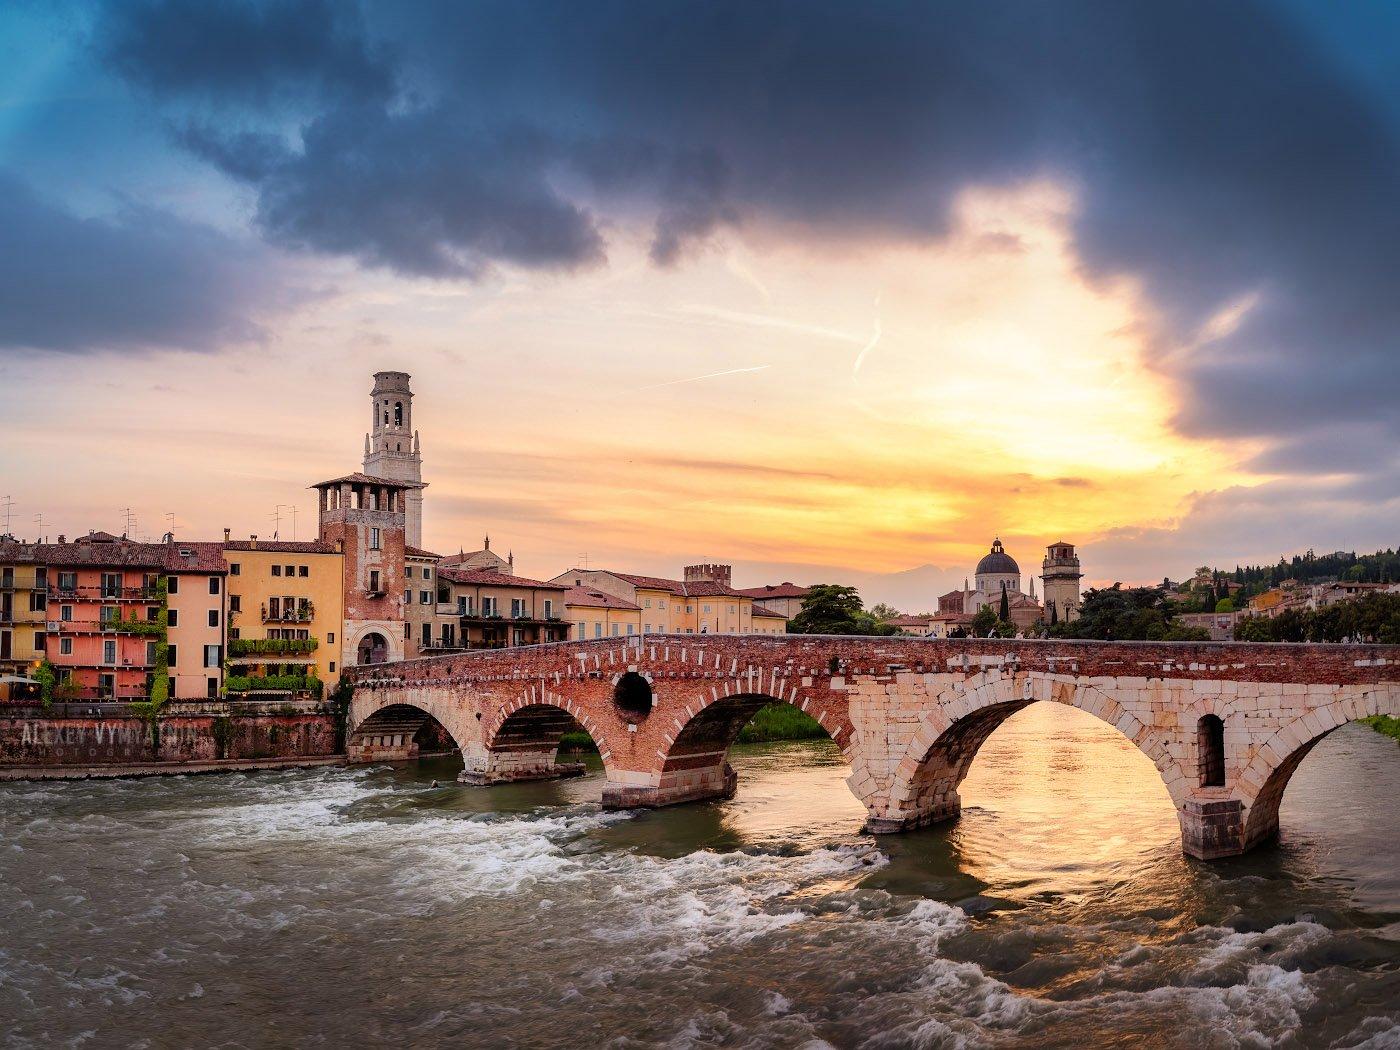 italy, italia, verona, veneto, sunset, urban, cityscape, Алексей Вымятнин